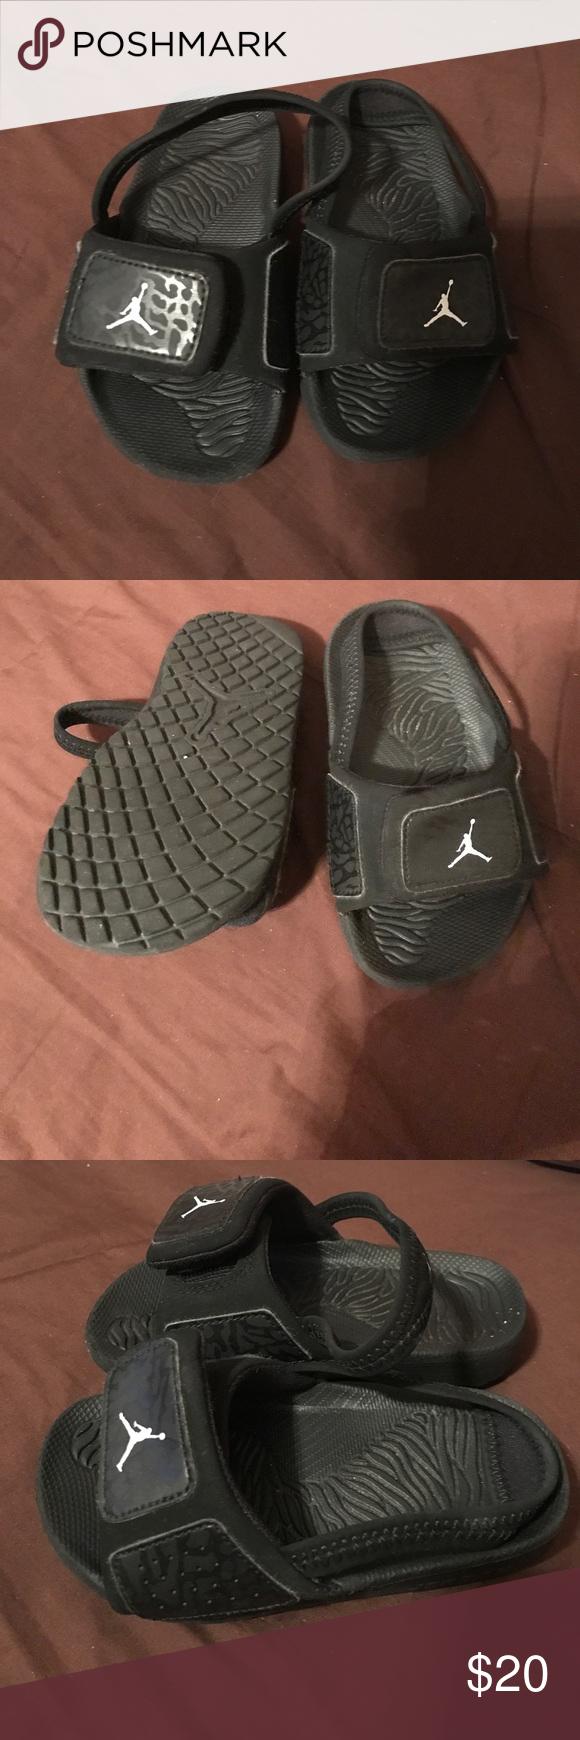 c8d1e1daf95e38 Toddler boy slides Jordan slides Jordan Shoes Sandals   Flip Flops ...